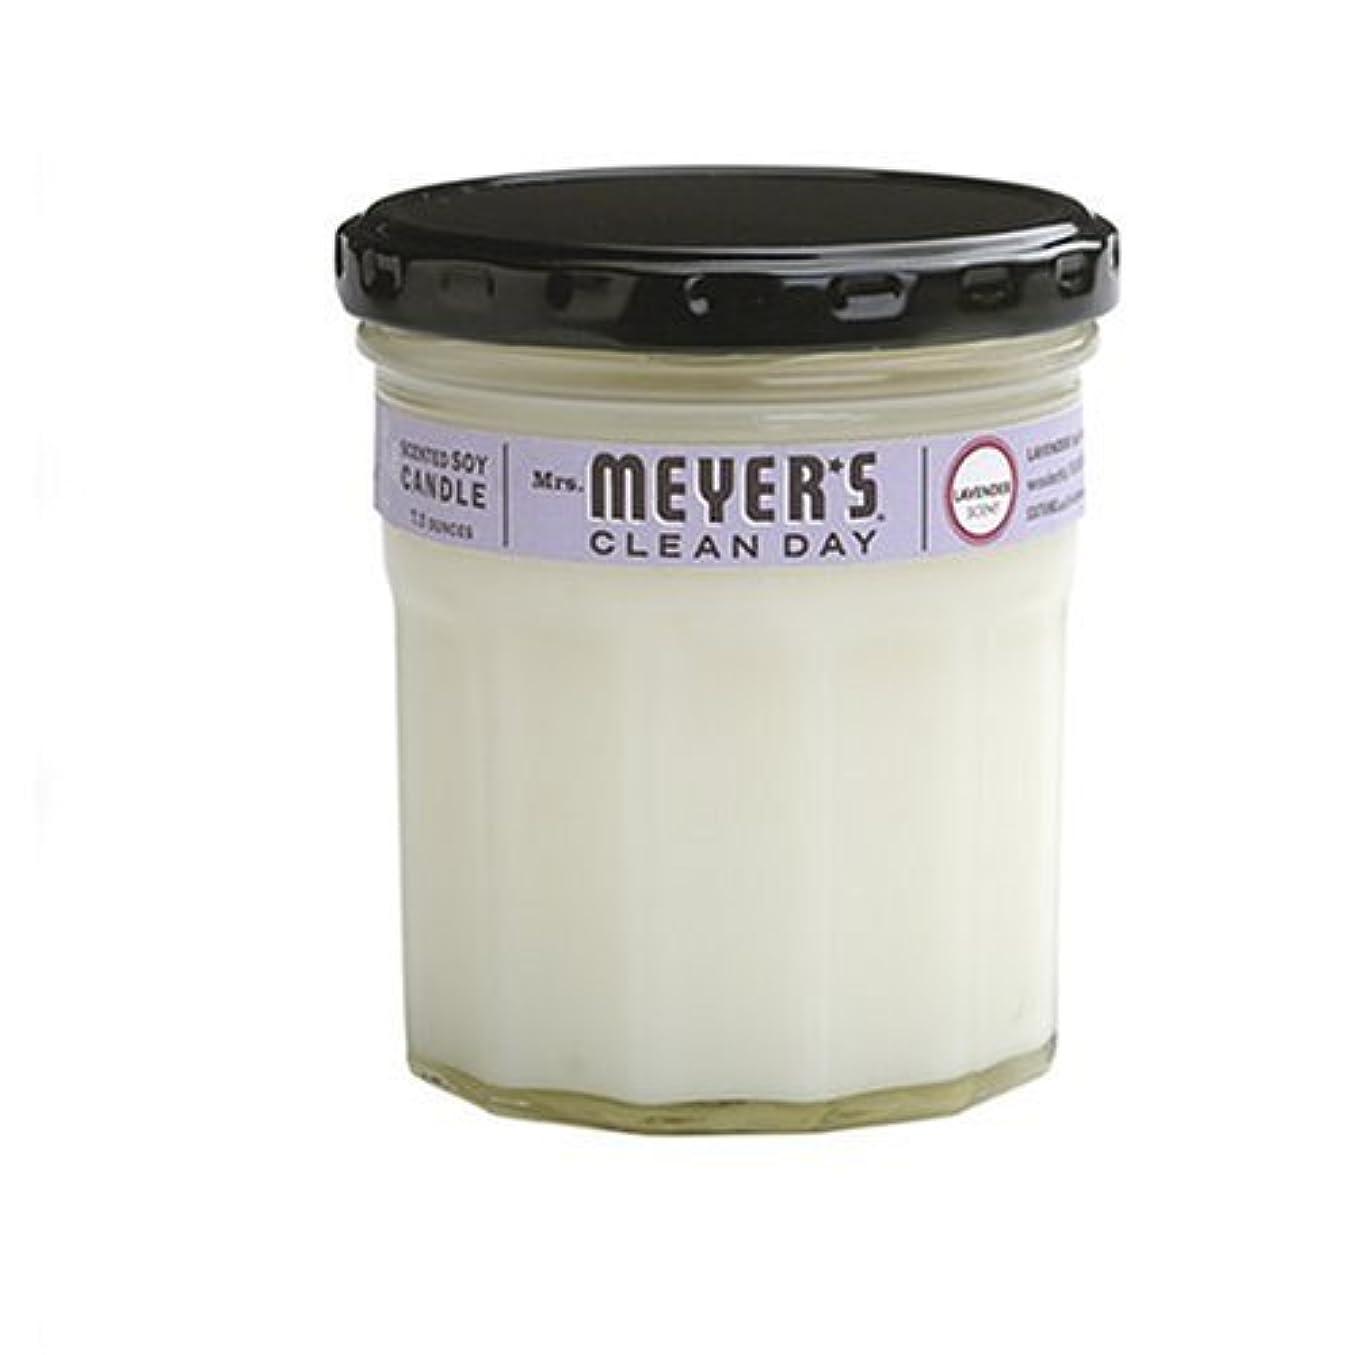 ブロンズ開拓者レクリエーションMrs. Meyer's Clean Day Soy Candle, Lavender, 7.2 Ounce Glass Jar [並行輸入品]